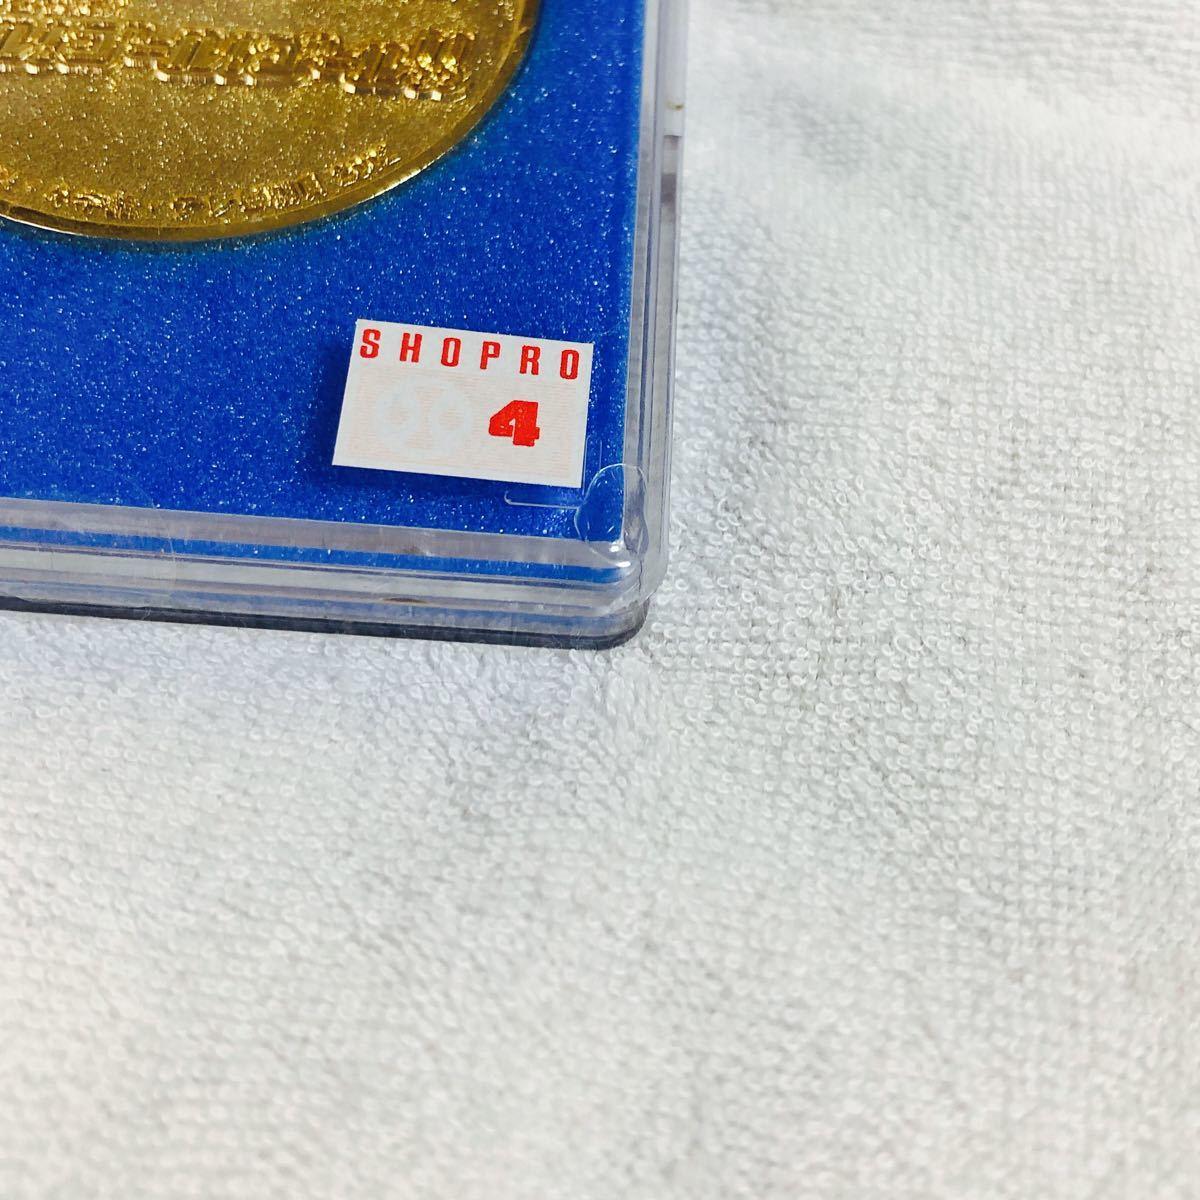 劇場版☆映画ドラえもん♪のび太とロボット王国!記念メダル 2002